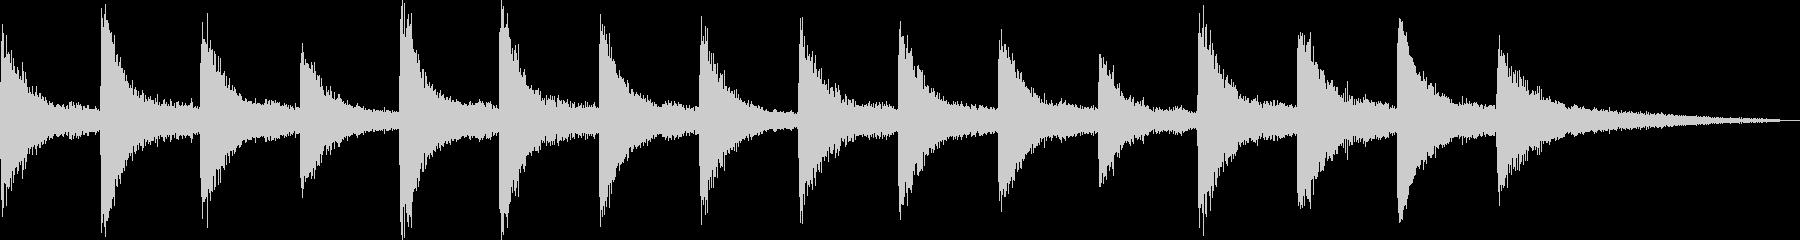 切ないピアノの和音が印象的なバラードの未再生の波形